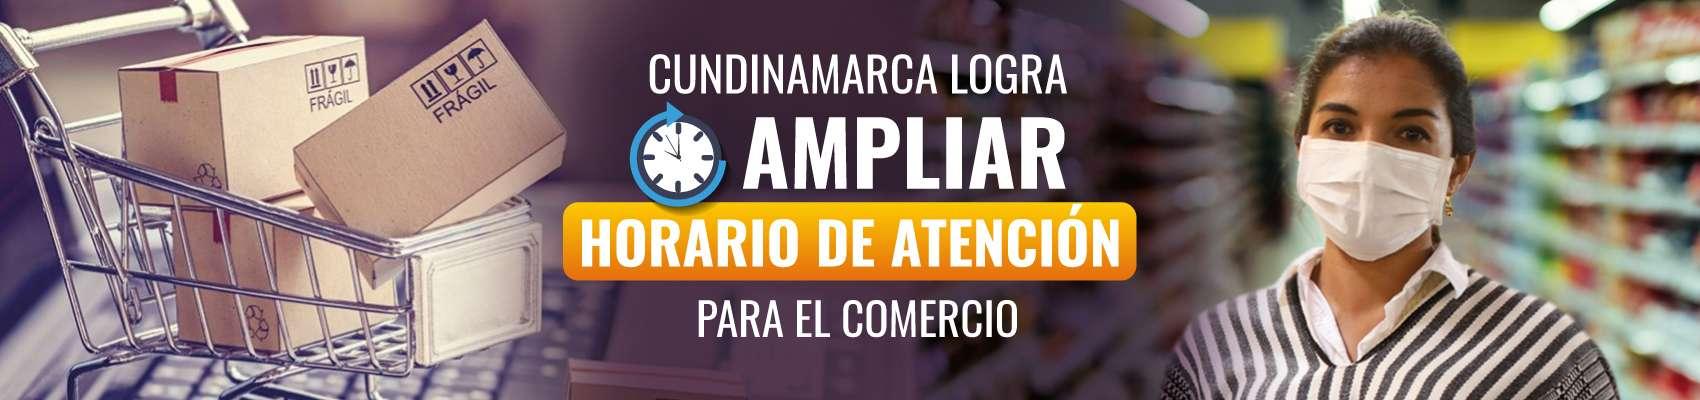 Gobernación de Cundinamarca